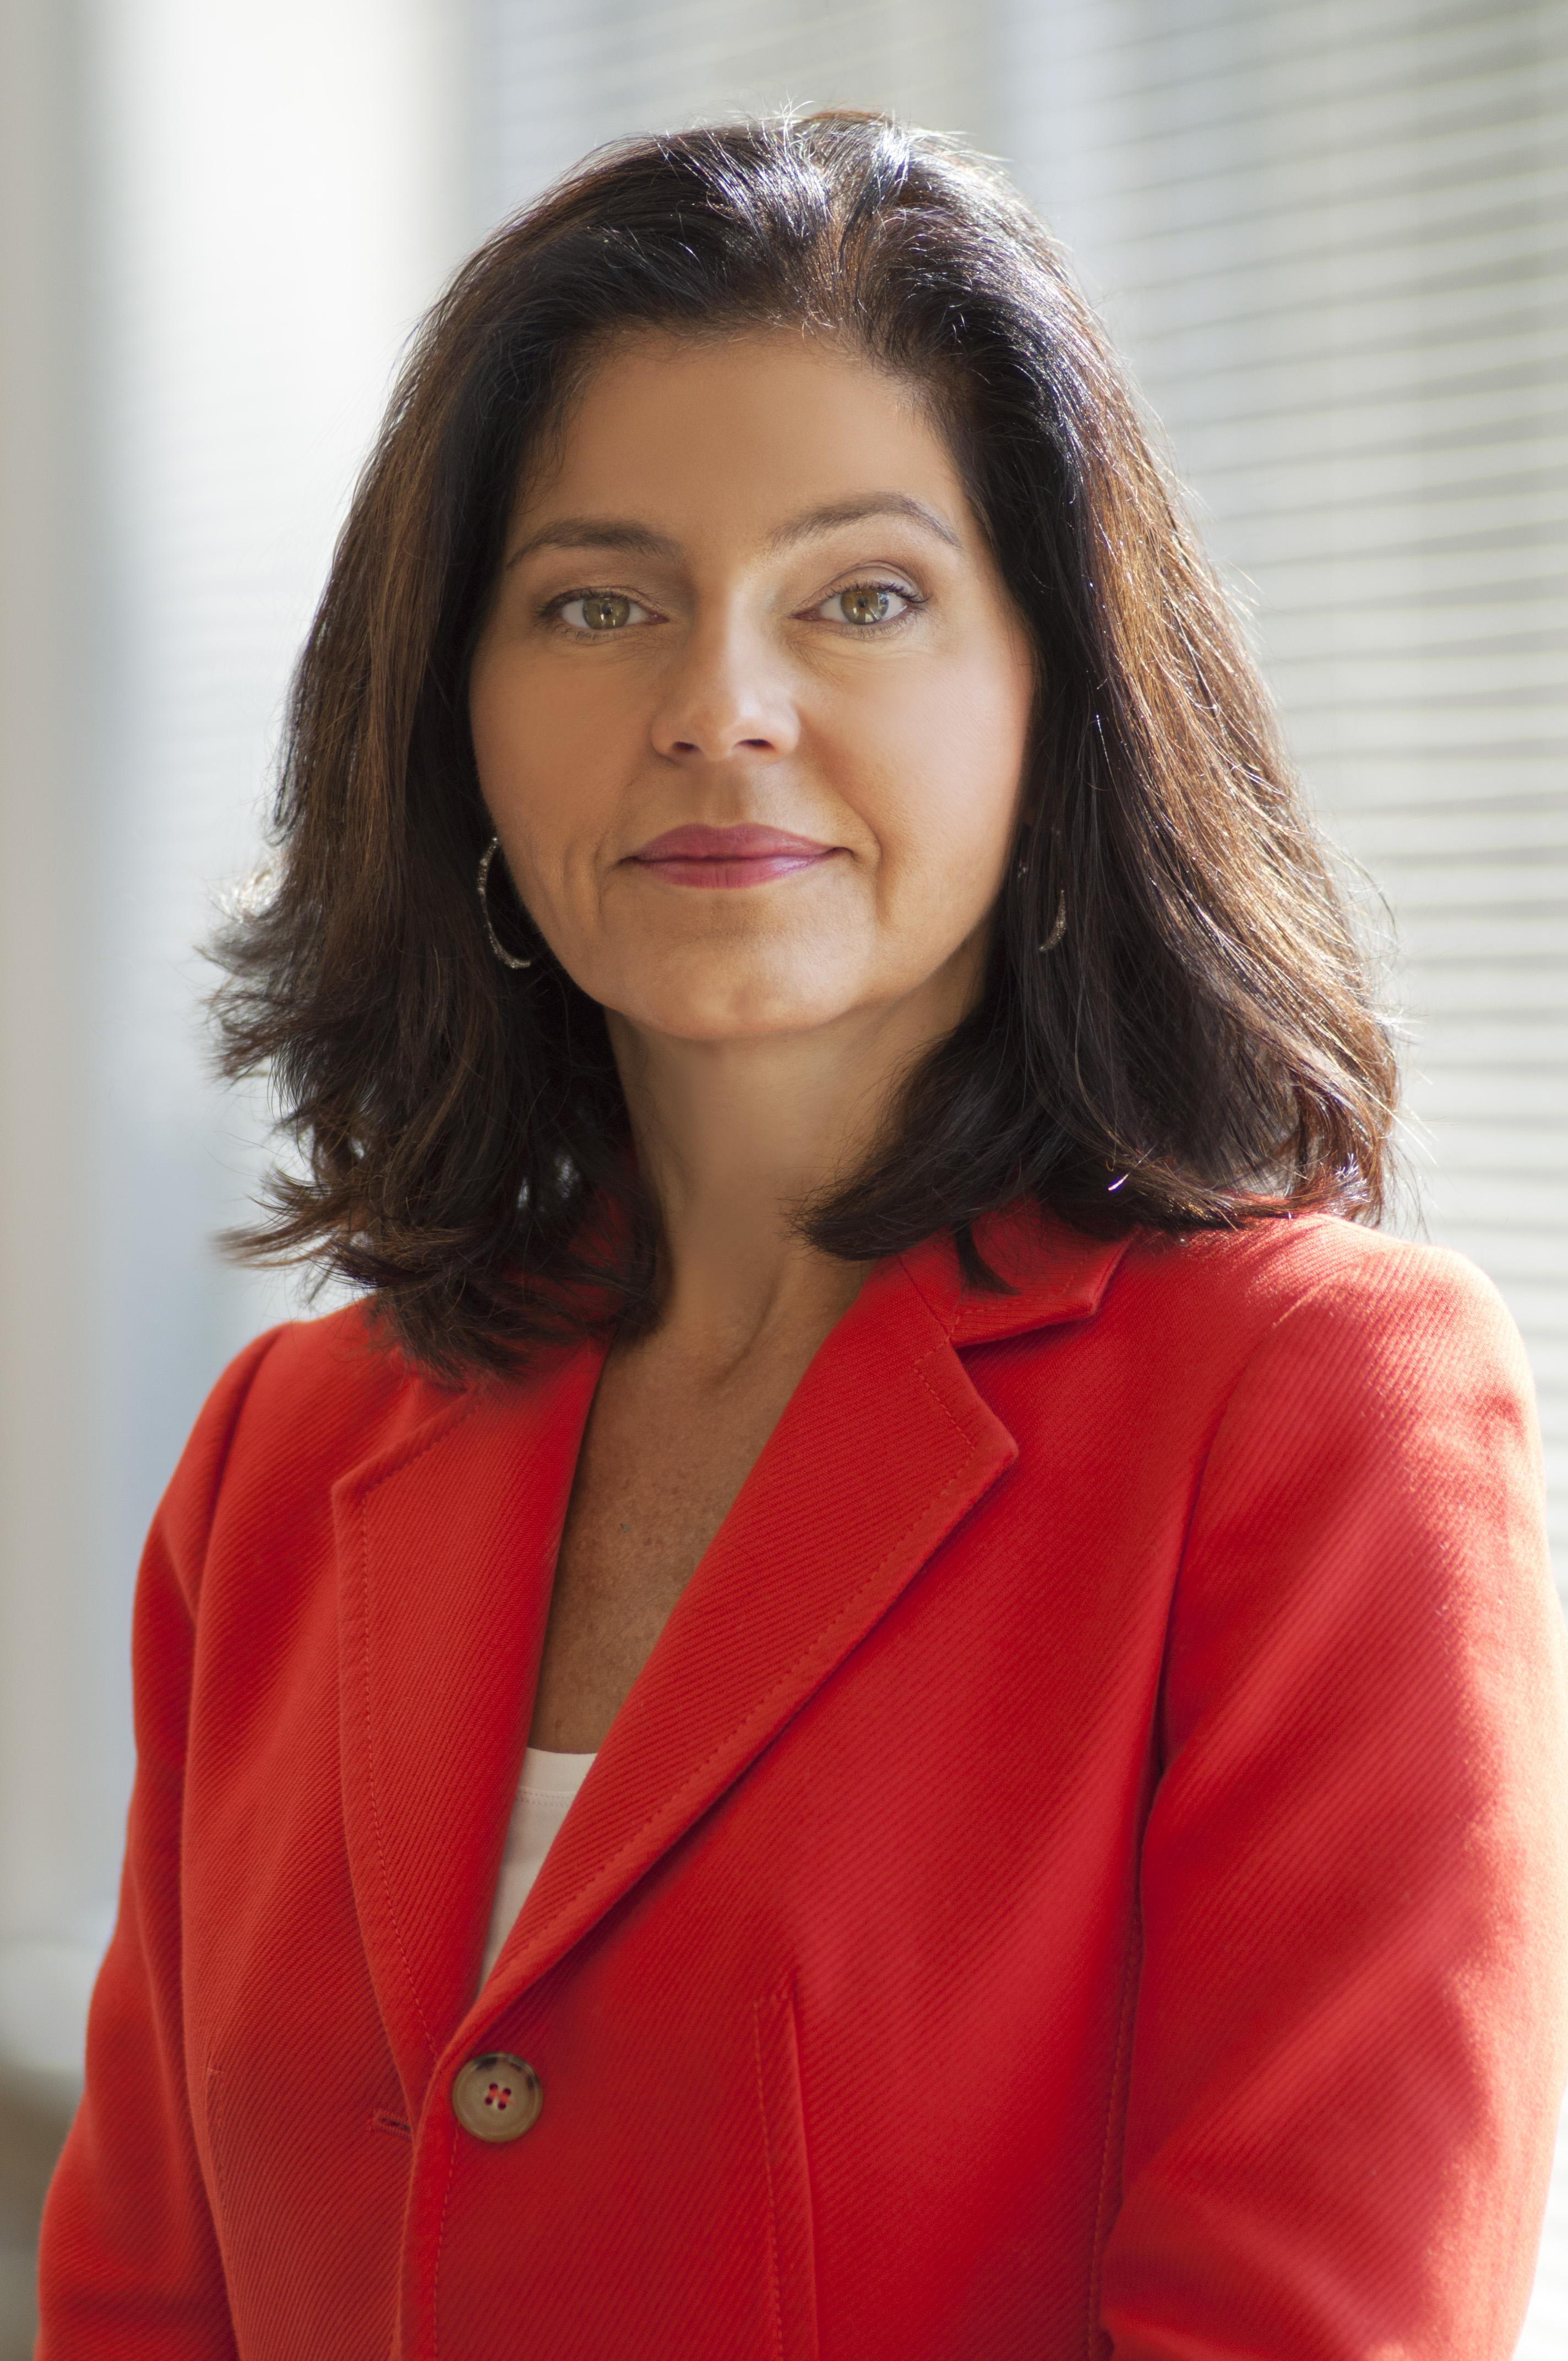 Dr. Margarita Zuley